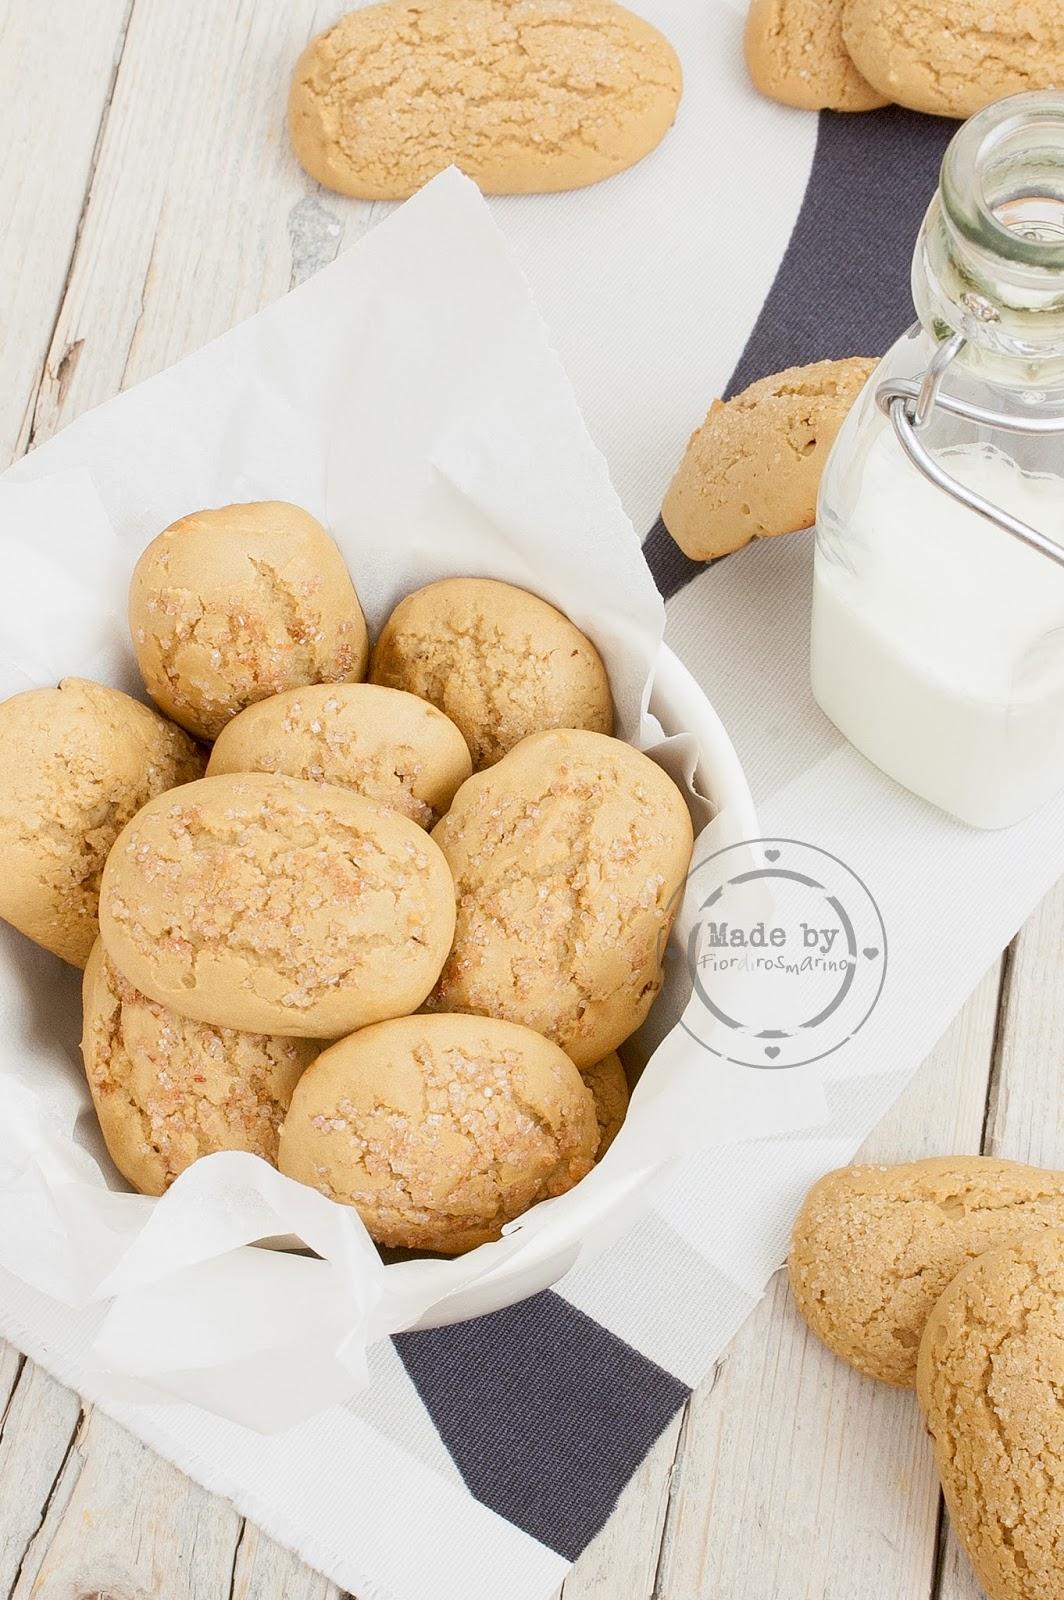 Favoloso Biscotti al farro e mais con zucchero di canna - Cucina Italiana  XA88